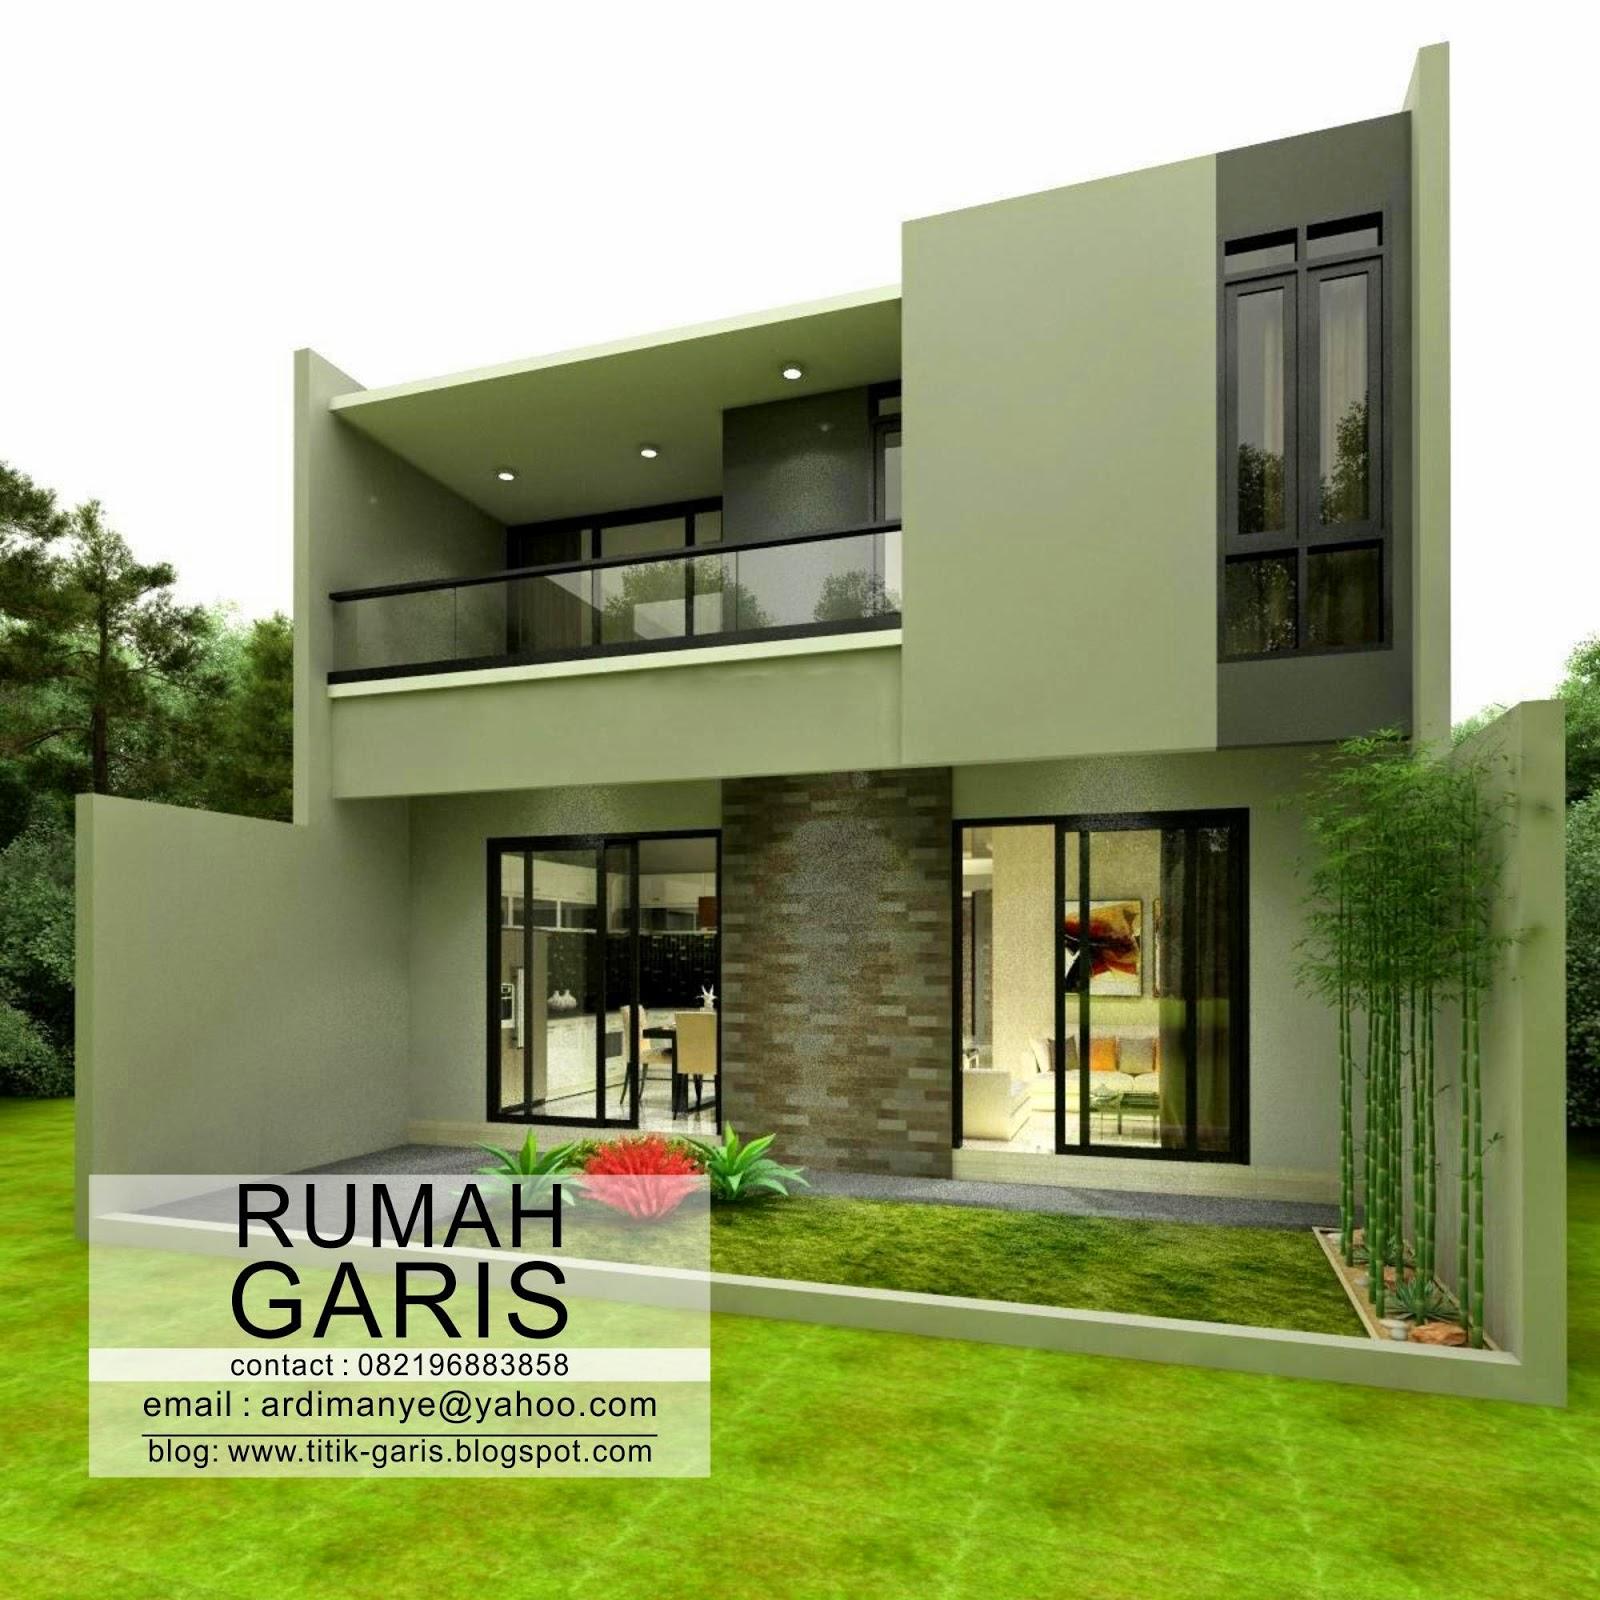 Desain Rumah Tinggal 2 Lantai Di Makassar Rumah Garis